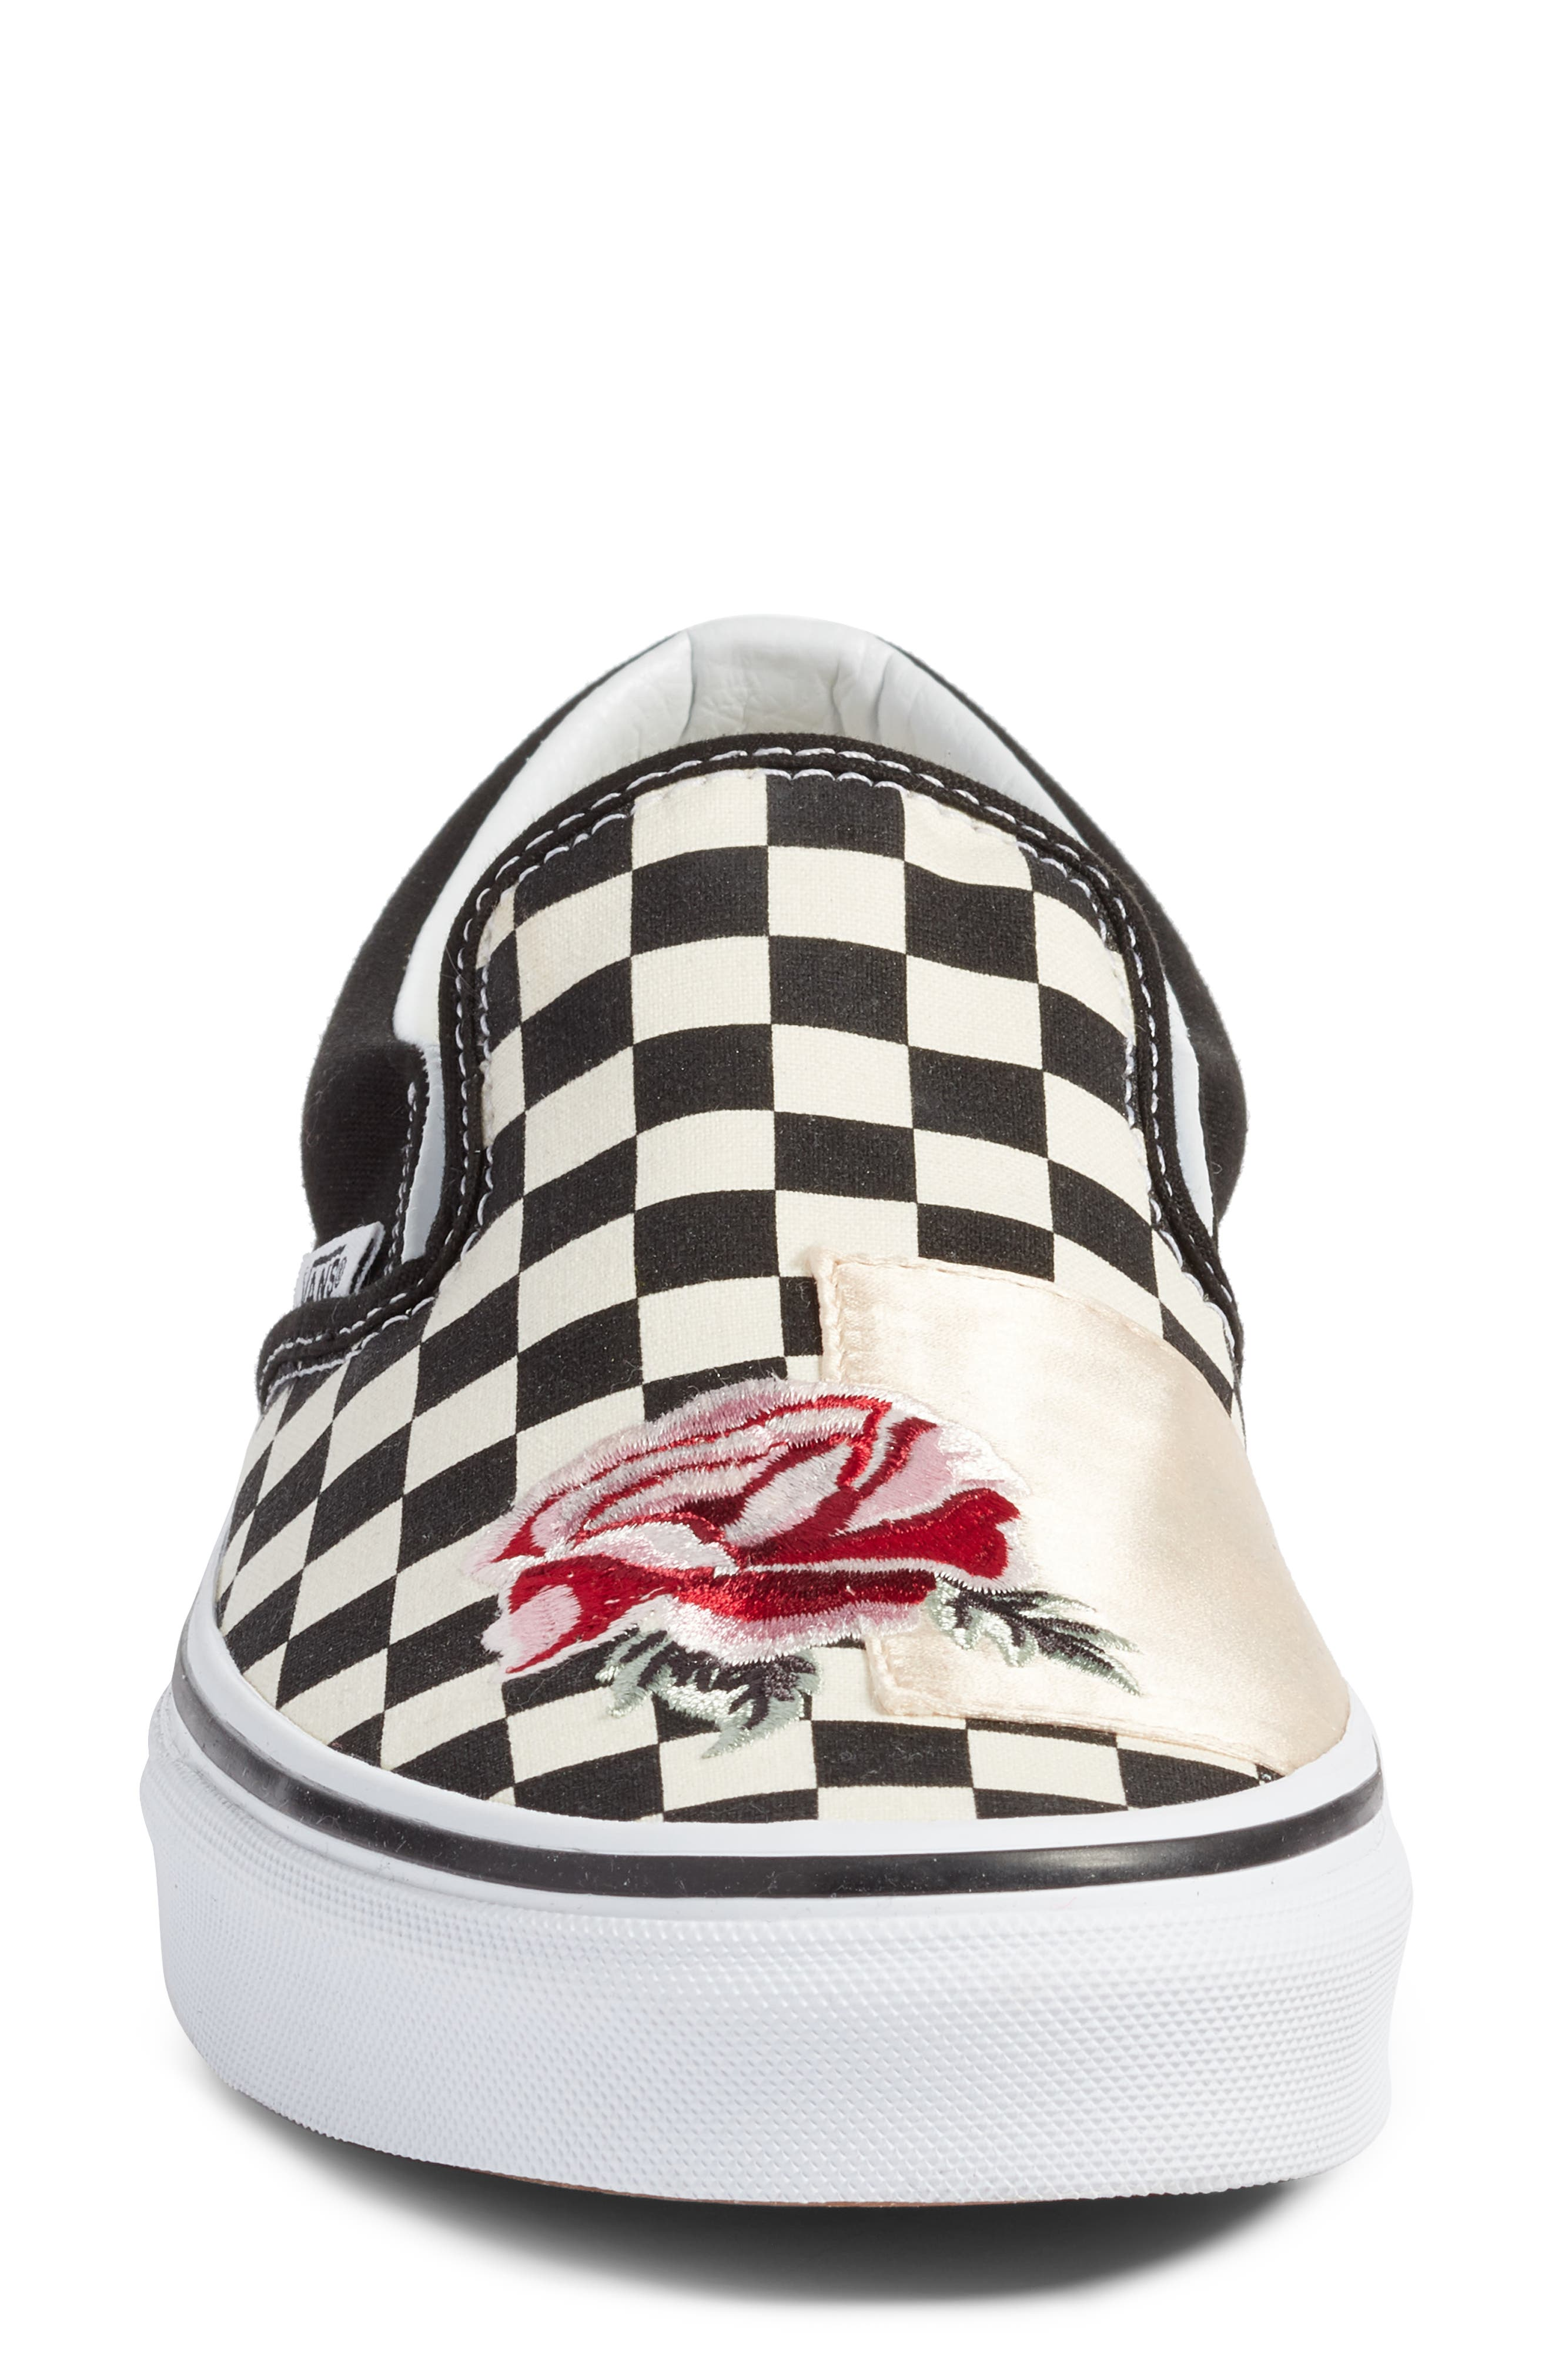 UA Classic Slip-On Sneaker,                             Alternate thumbnail 4, color,                             CHECKER/ ROSE